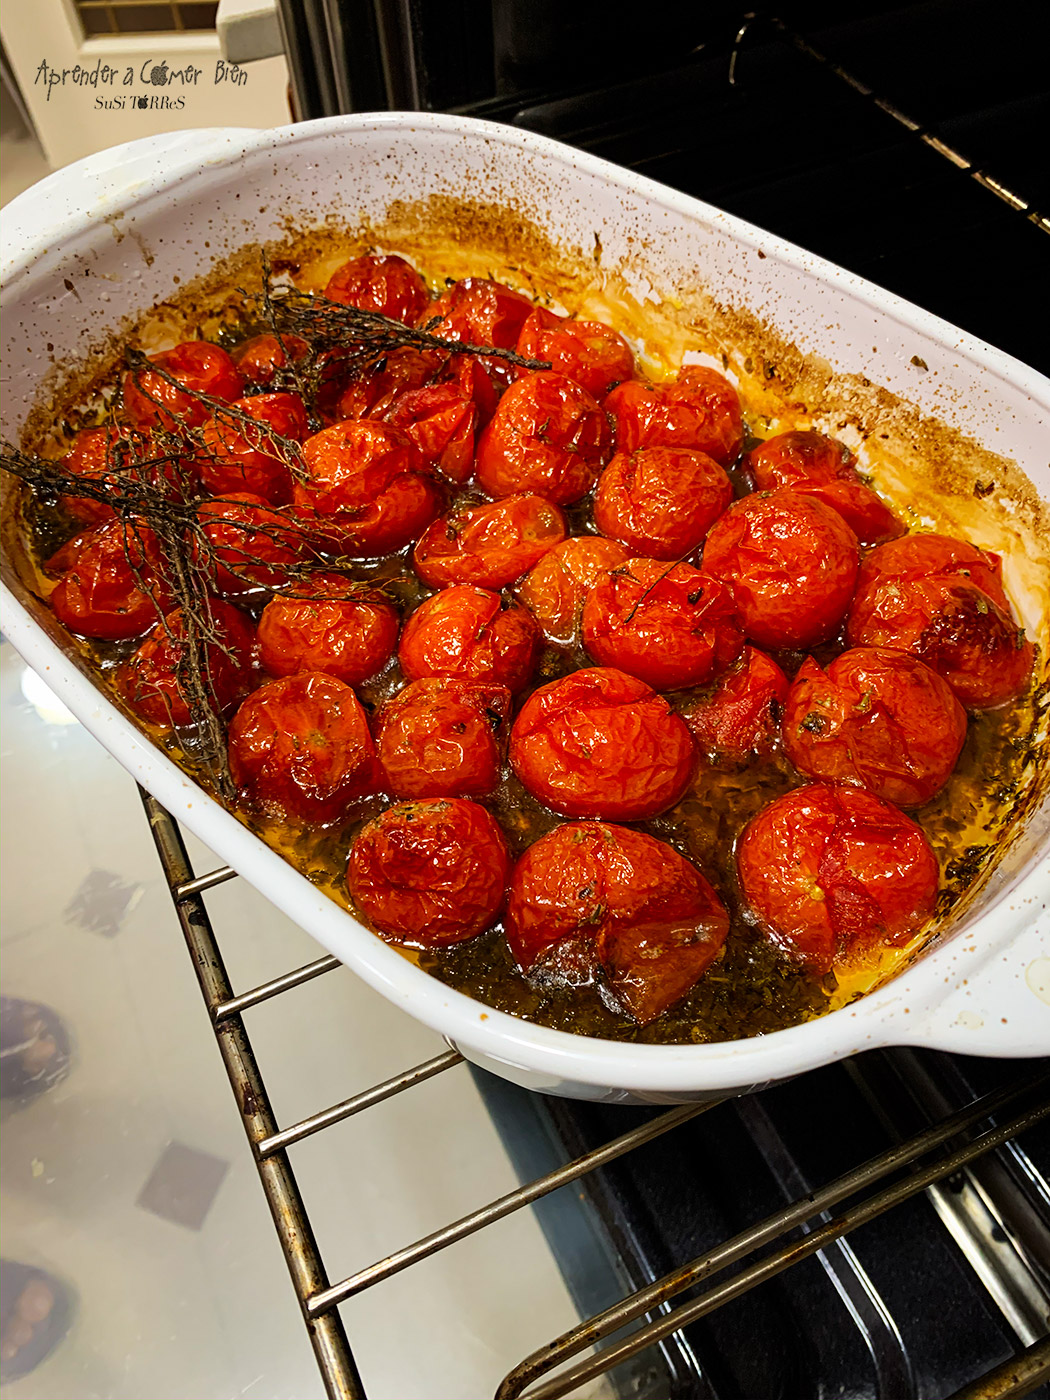 Receta rápida de Tomates Cherry Aromatizados